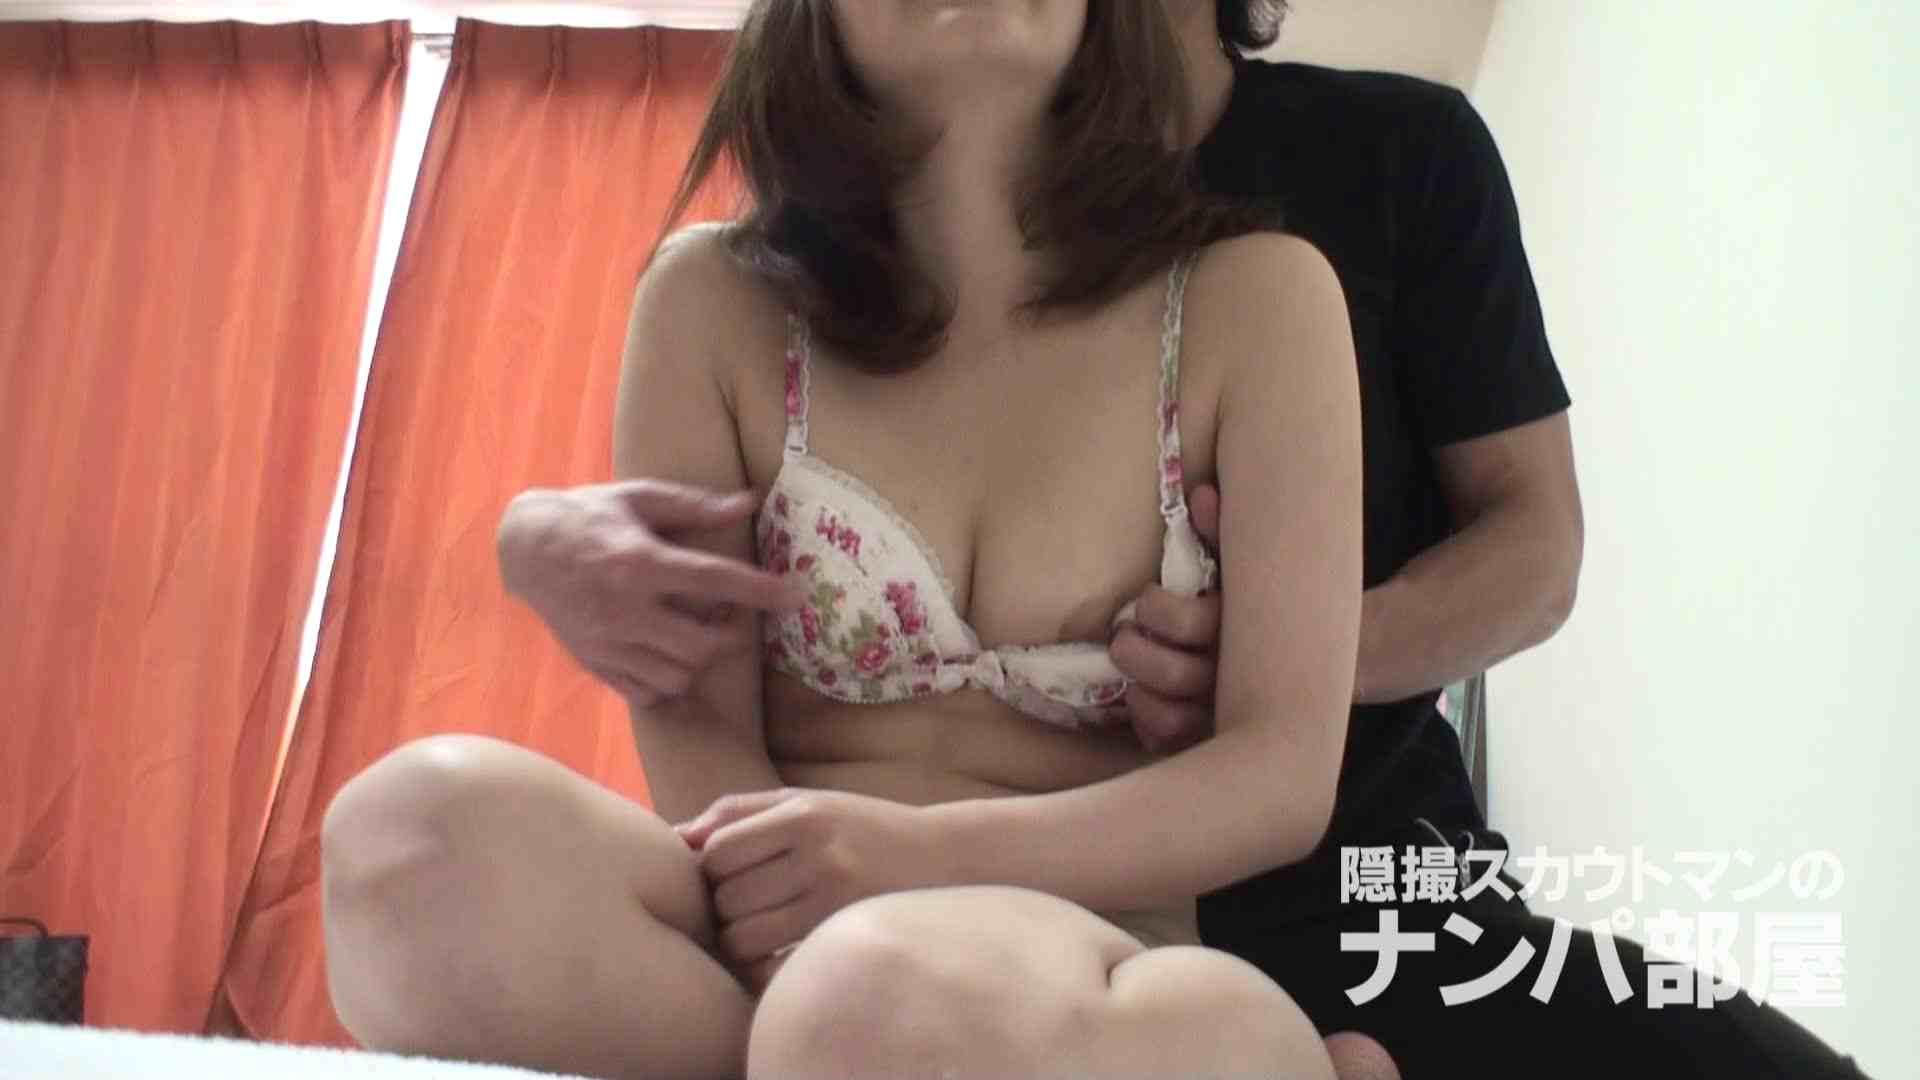 隠撮スカウトマンのナンパ部屋~風俗デビュー前のつまみ食い~ siivol.2 美しいOLの裸体  77pic 52